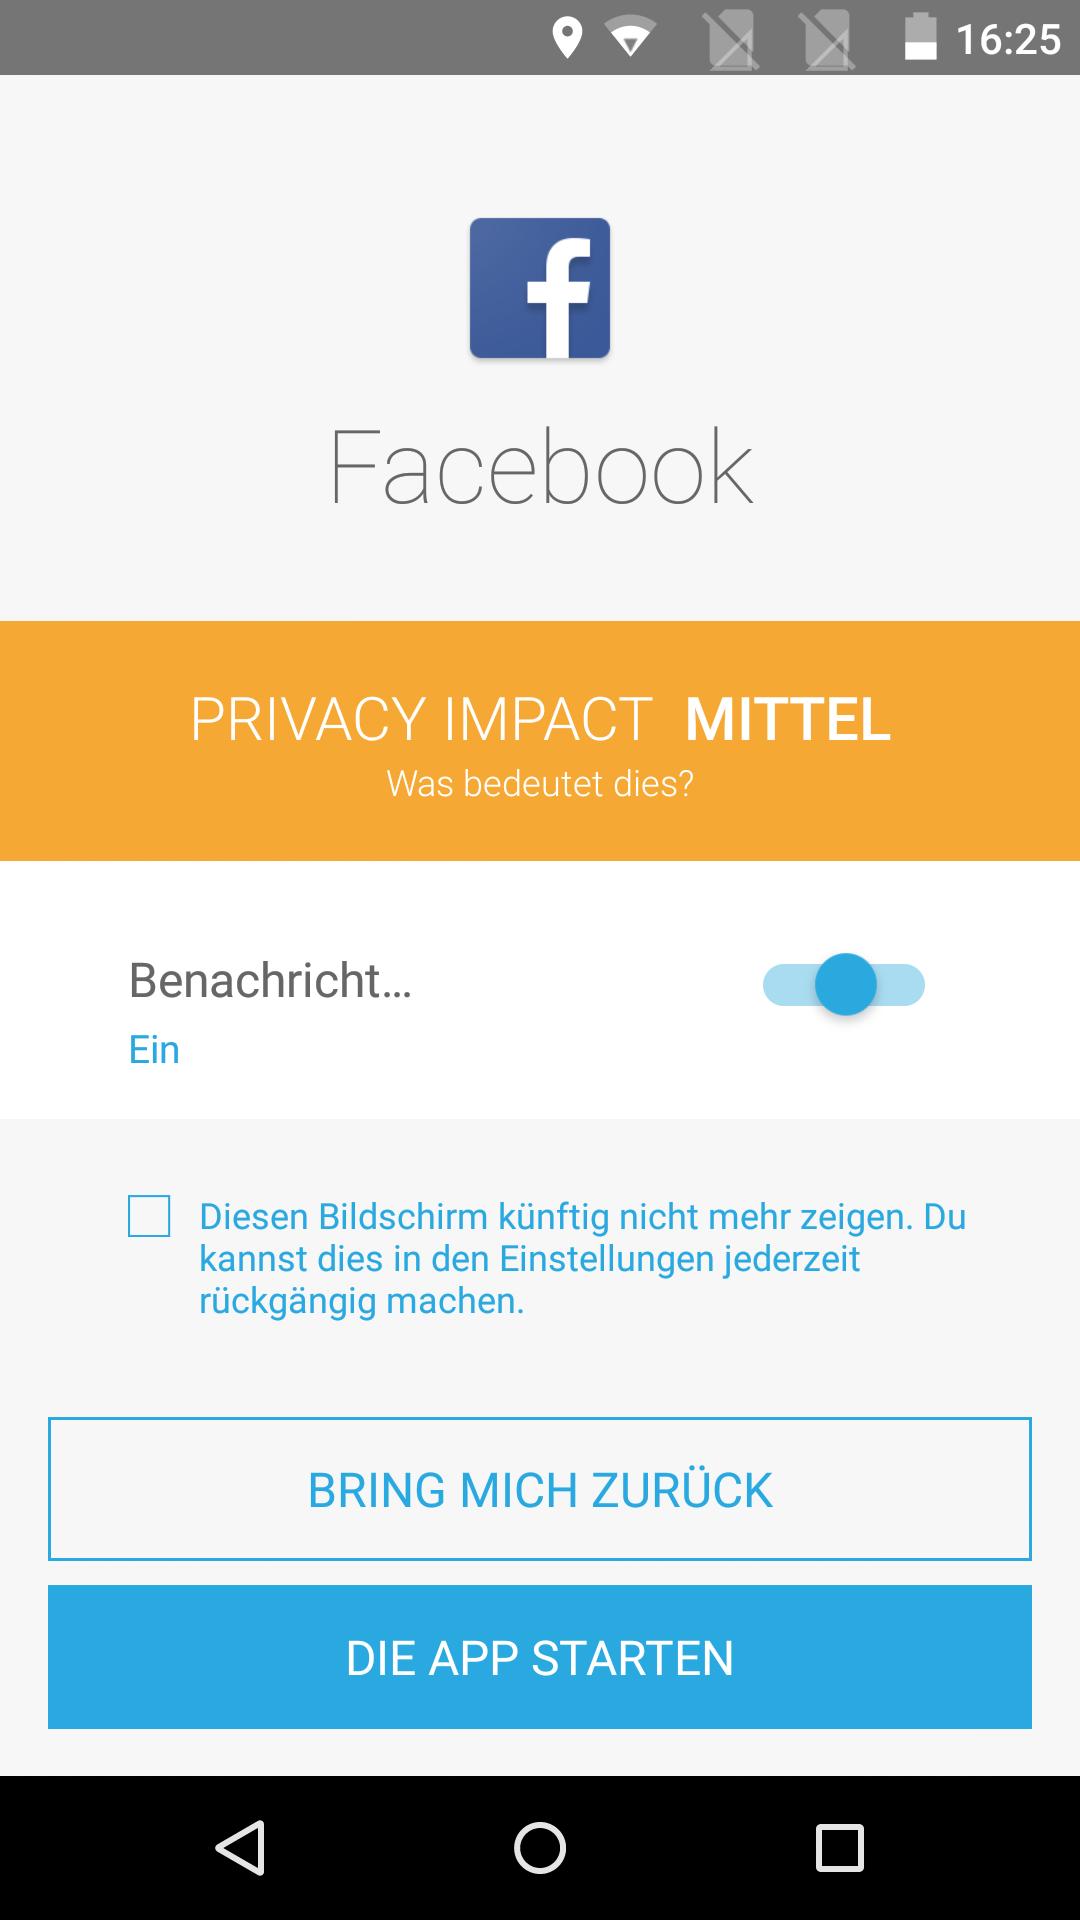 Fairphone 2 im Test: Fairer, phoniger und noch dazu modular - Facebook etwa erreicht nur eine mittlere Einstufung beim Privacy Impact. (Screenshot: Golem.de)